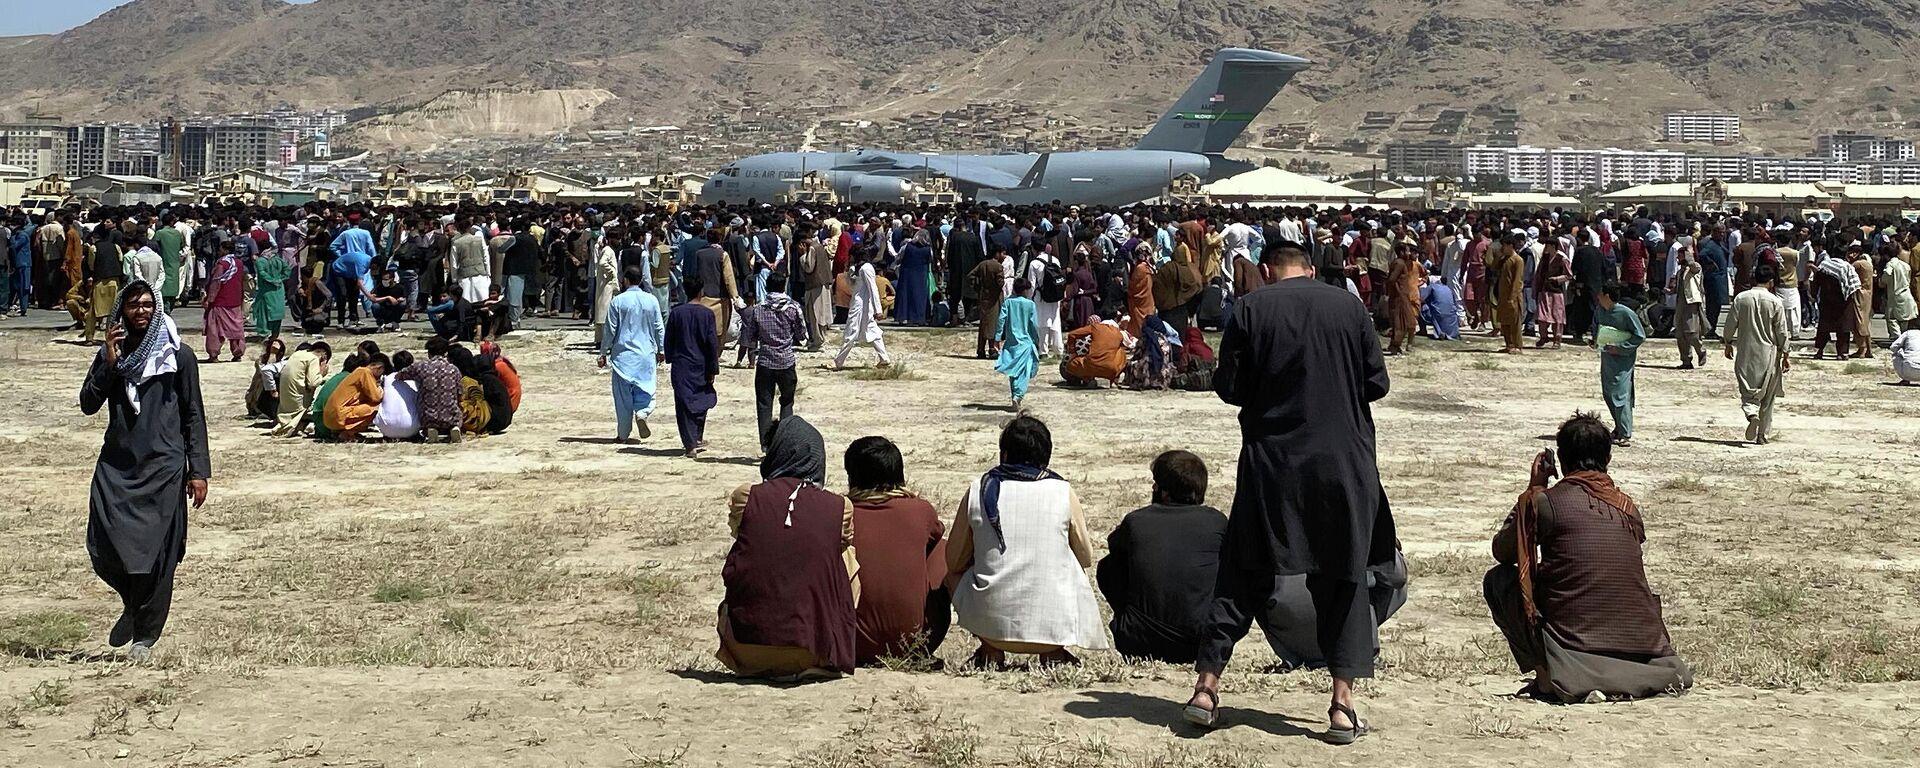 Сотни людей собрались возле транспортного самолета C-17 ВВС США на периметре международного аэропорта в Кабуле - Sputnik Узбекистан, 1920, 31.08.2021